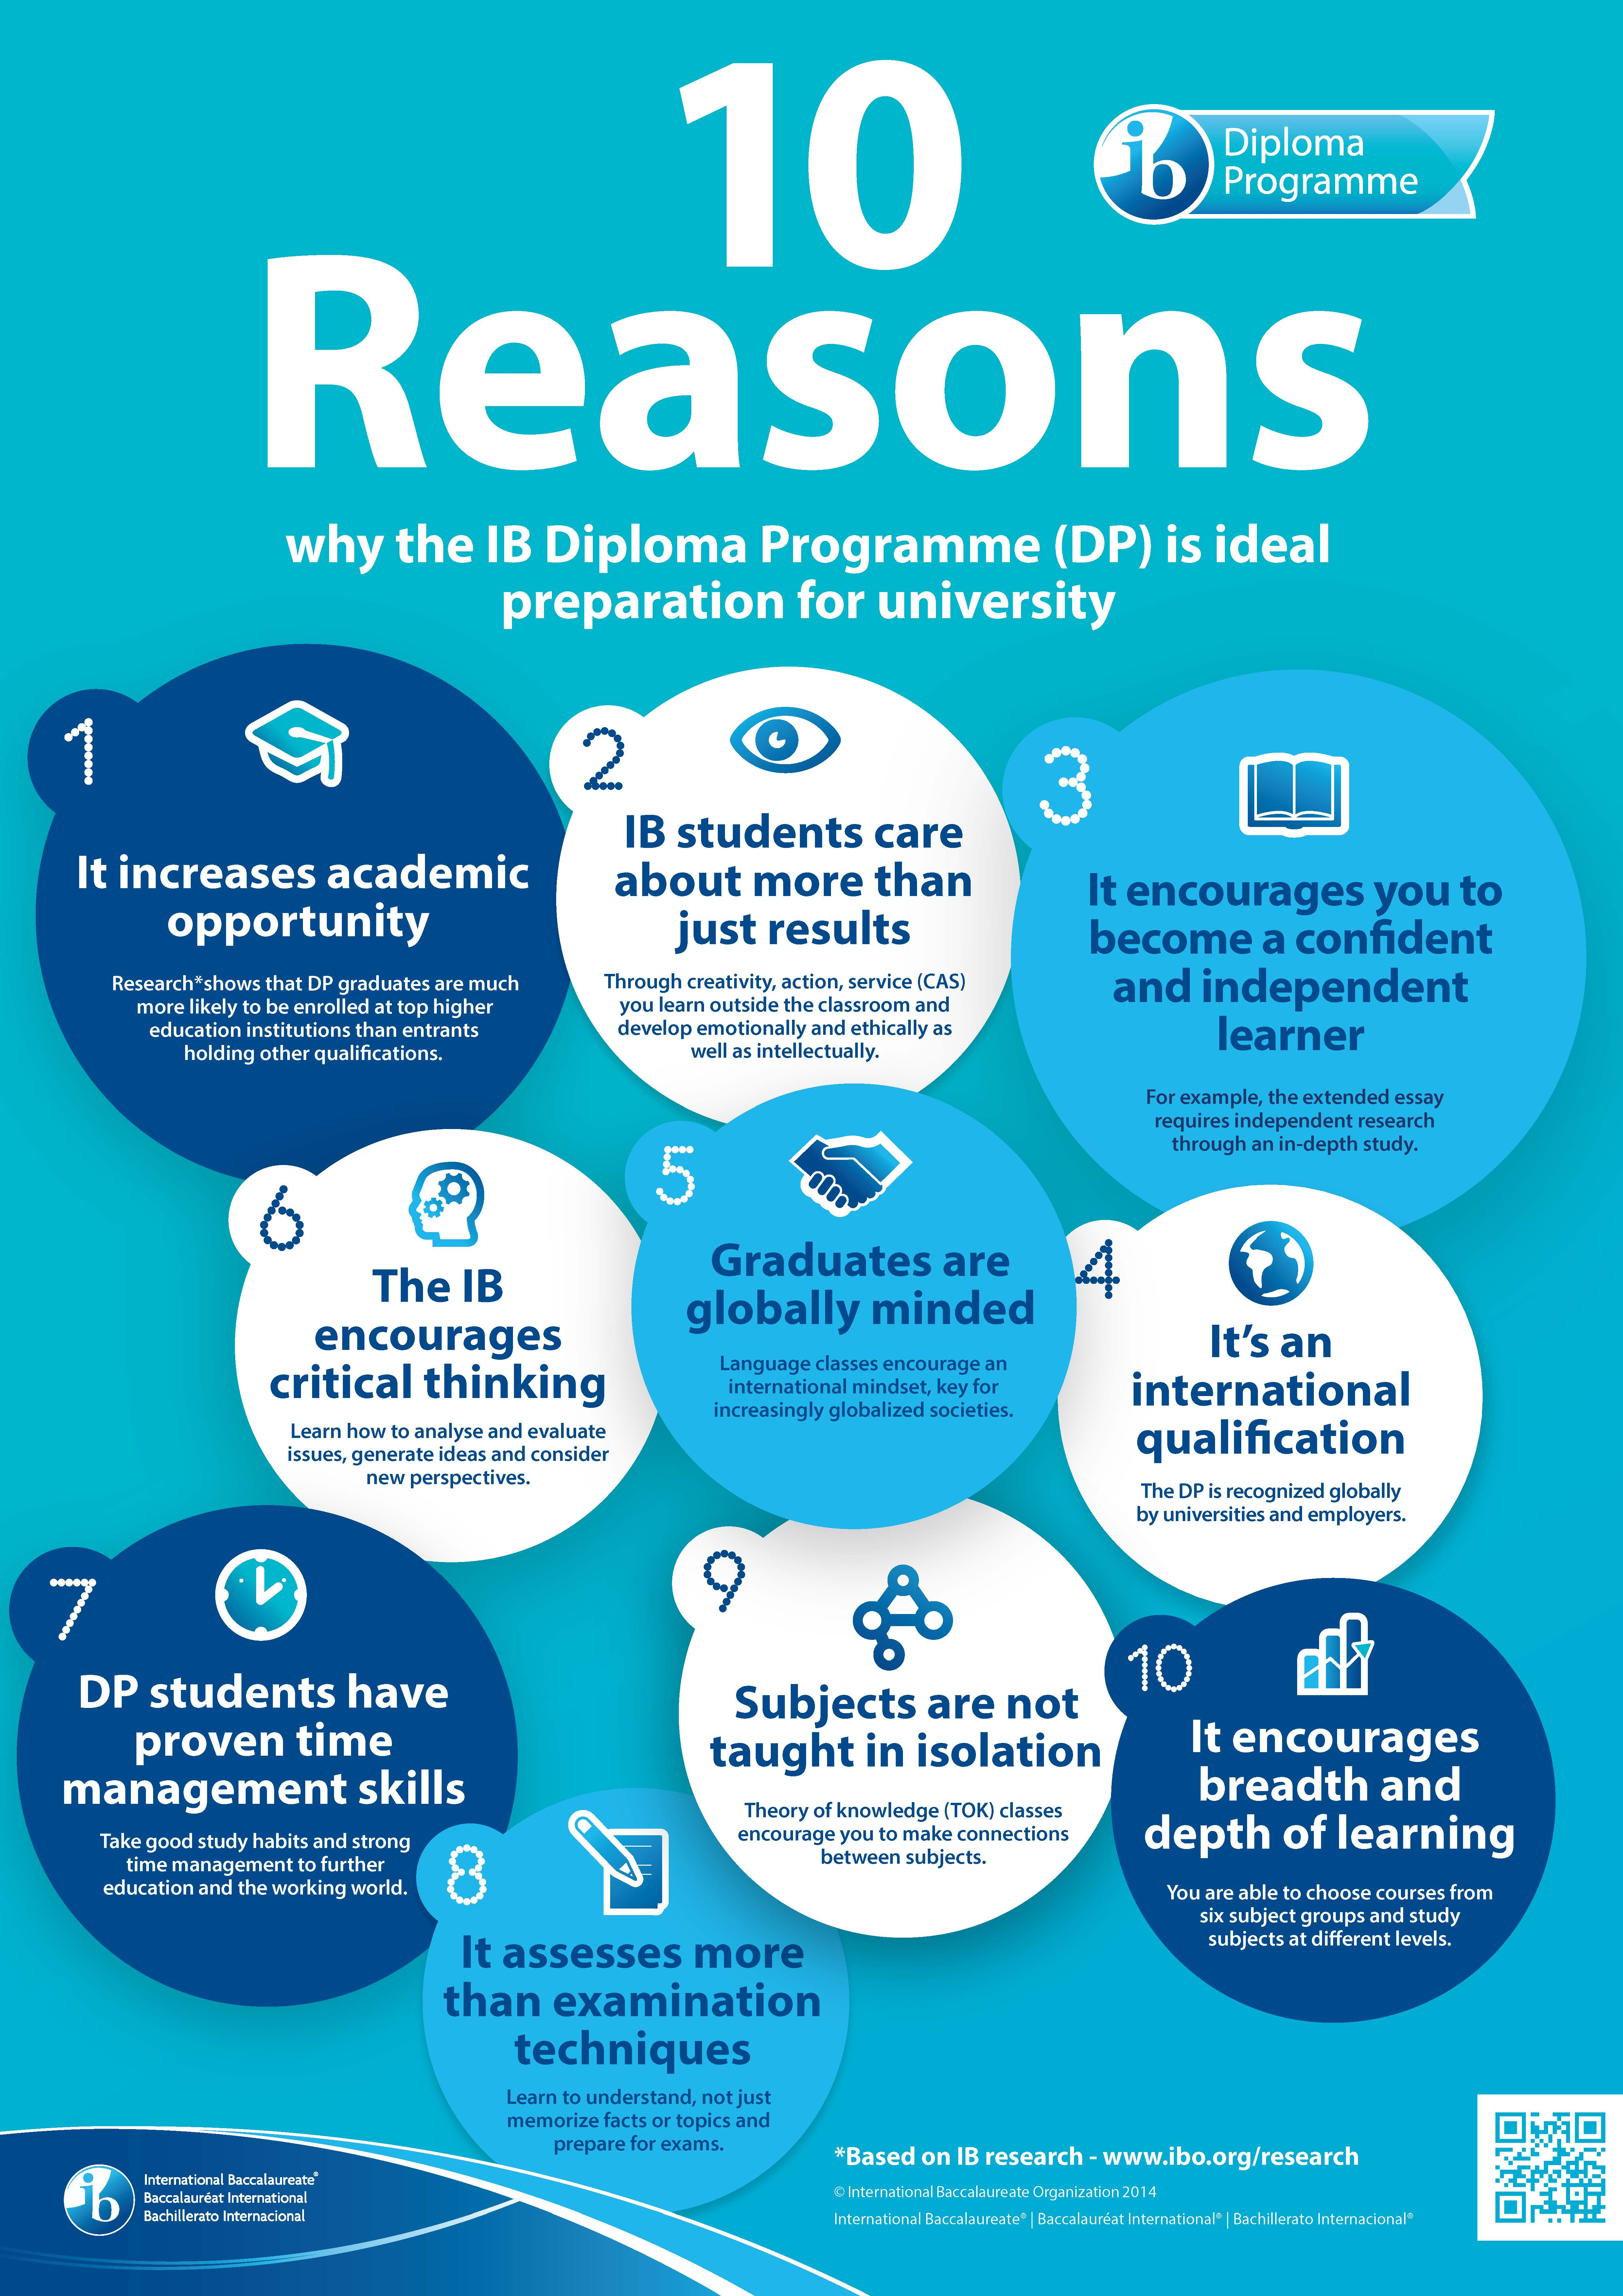 10 Reasons for IB (English)